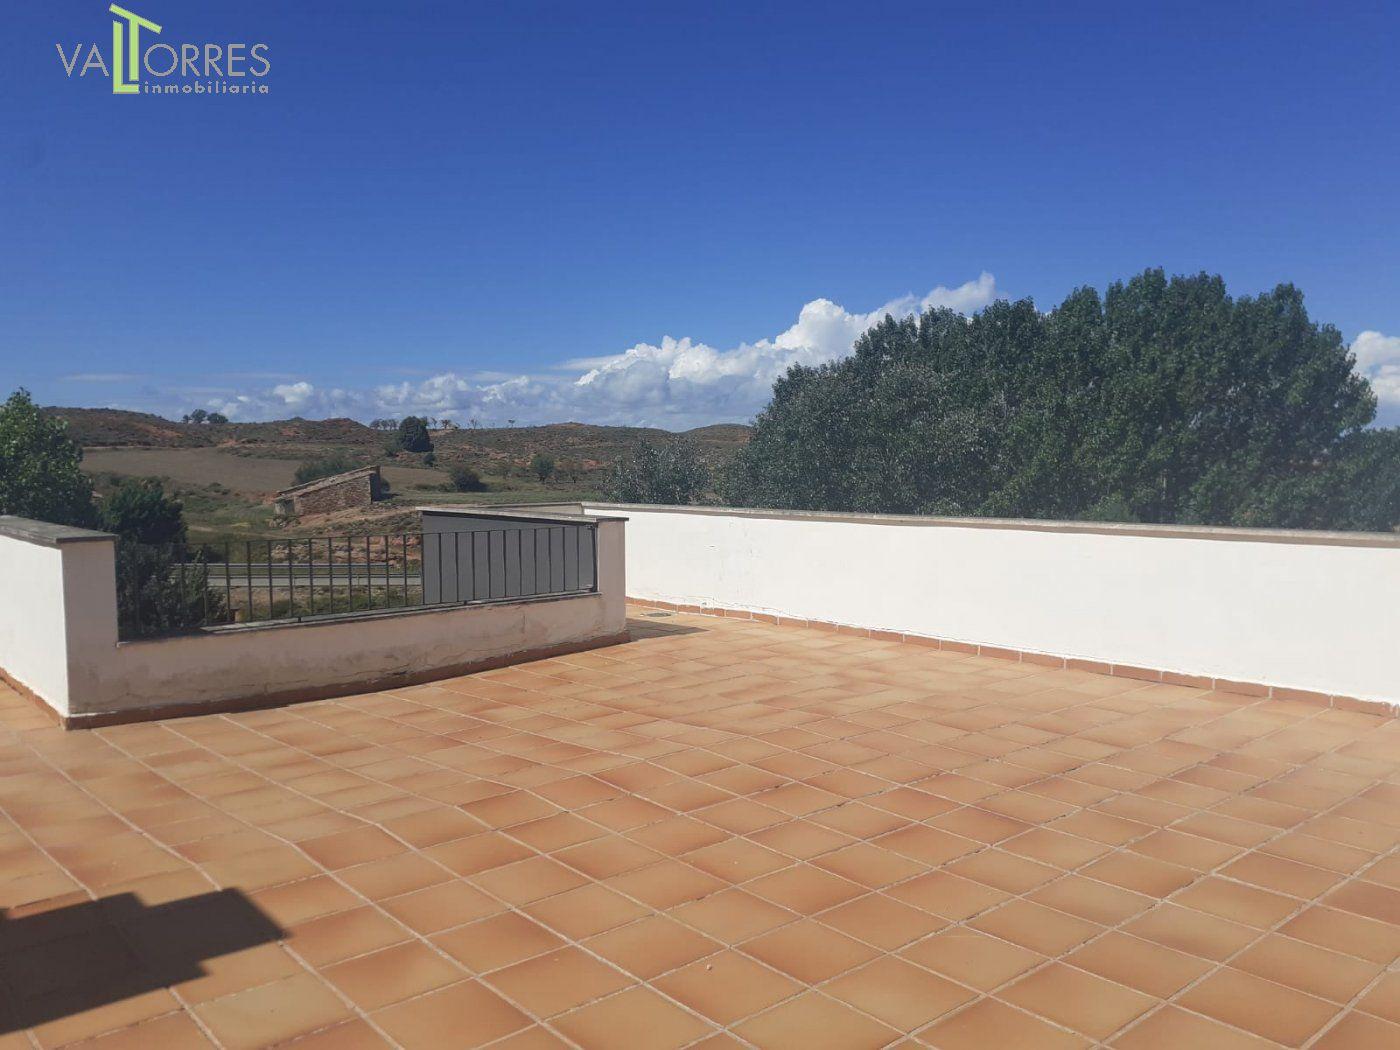 Piso en alquiler en Castralvo, Teruel